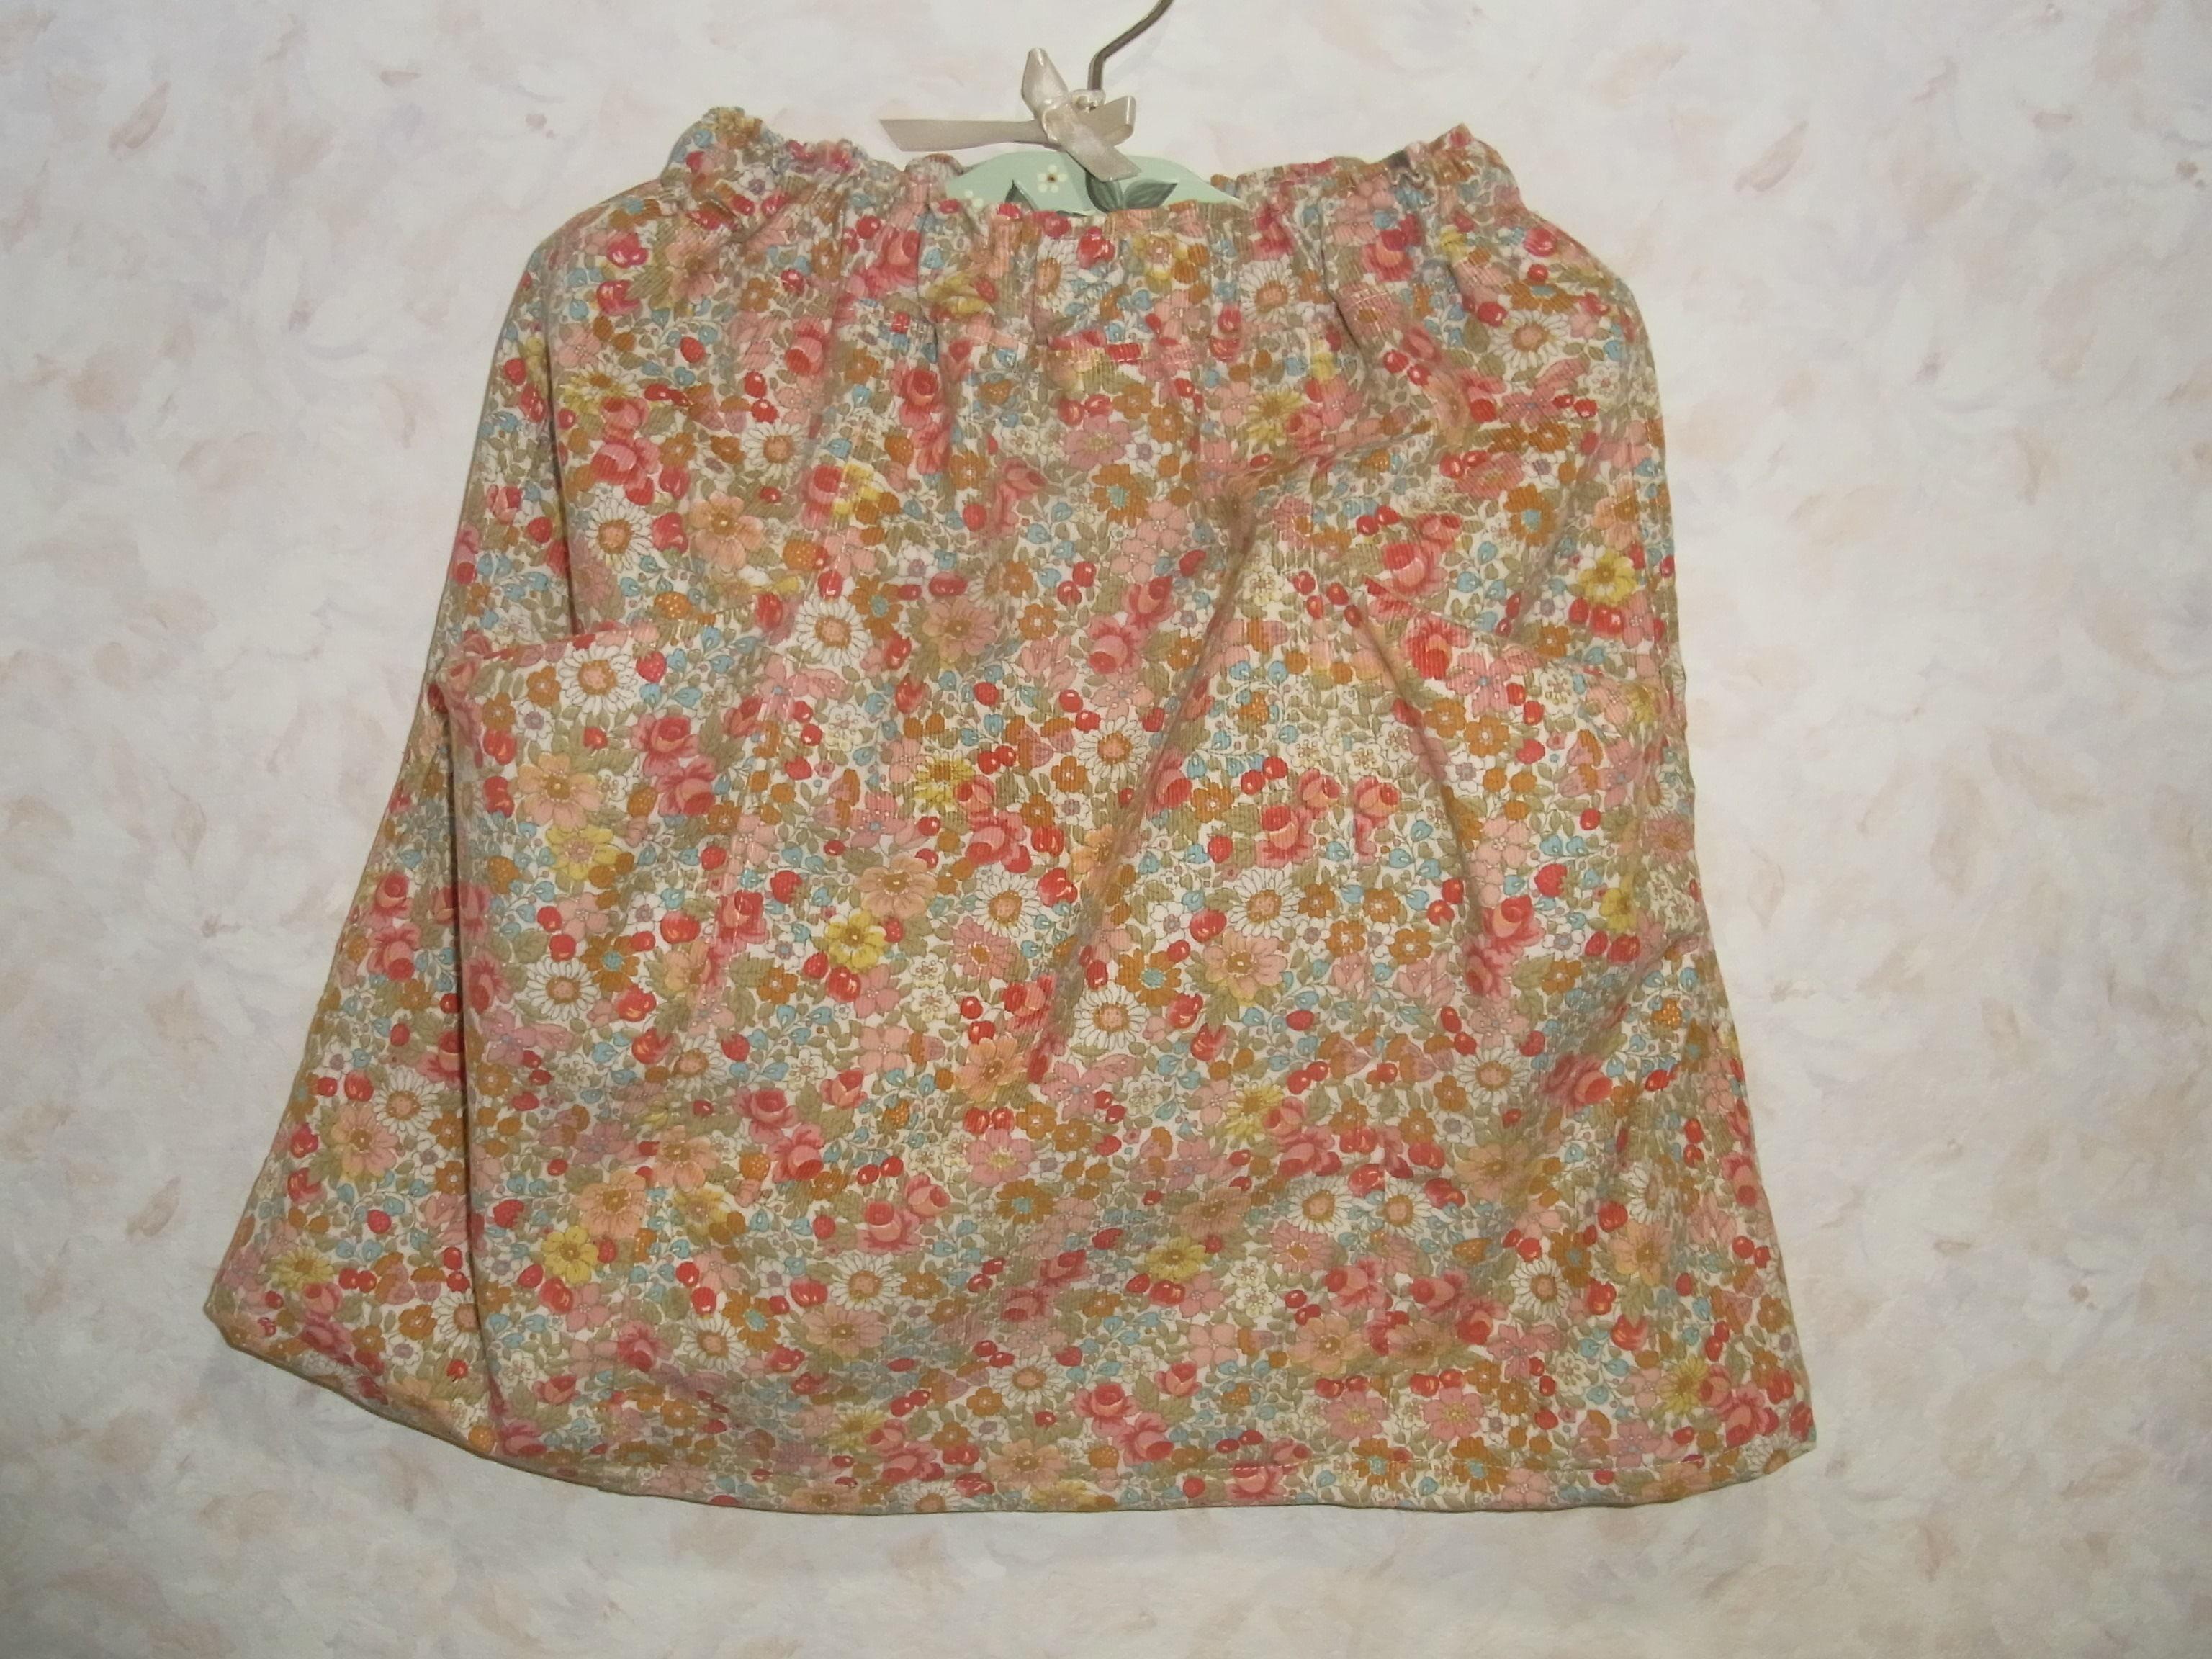 花柄コーデュロイのポケットがかわいいスカート